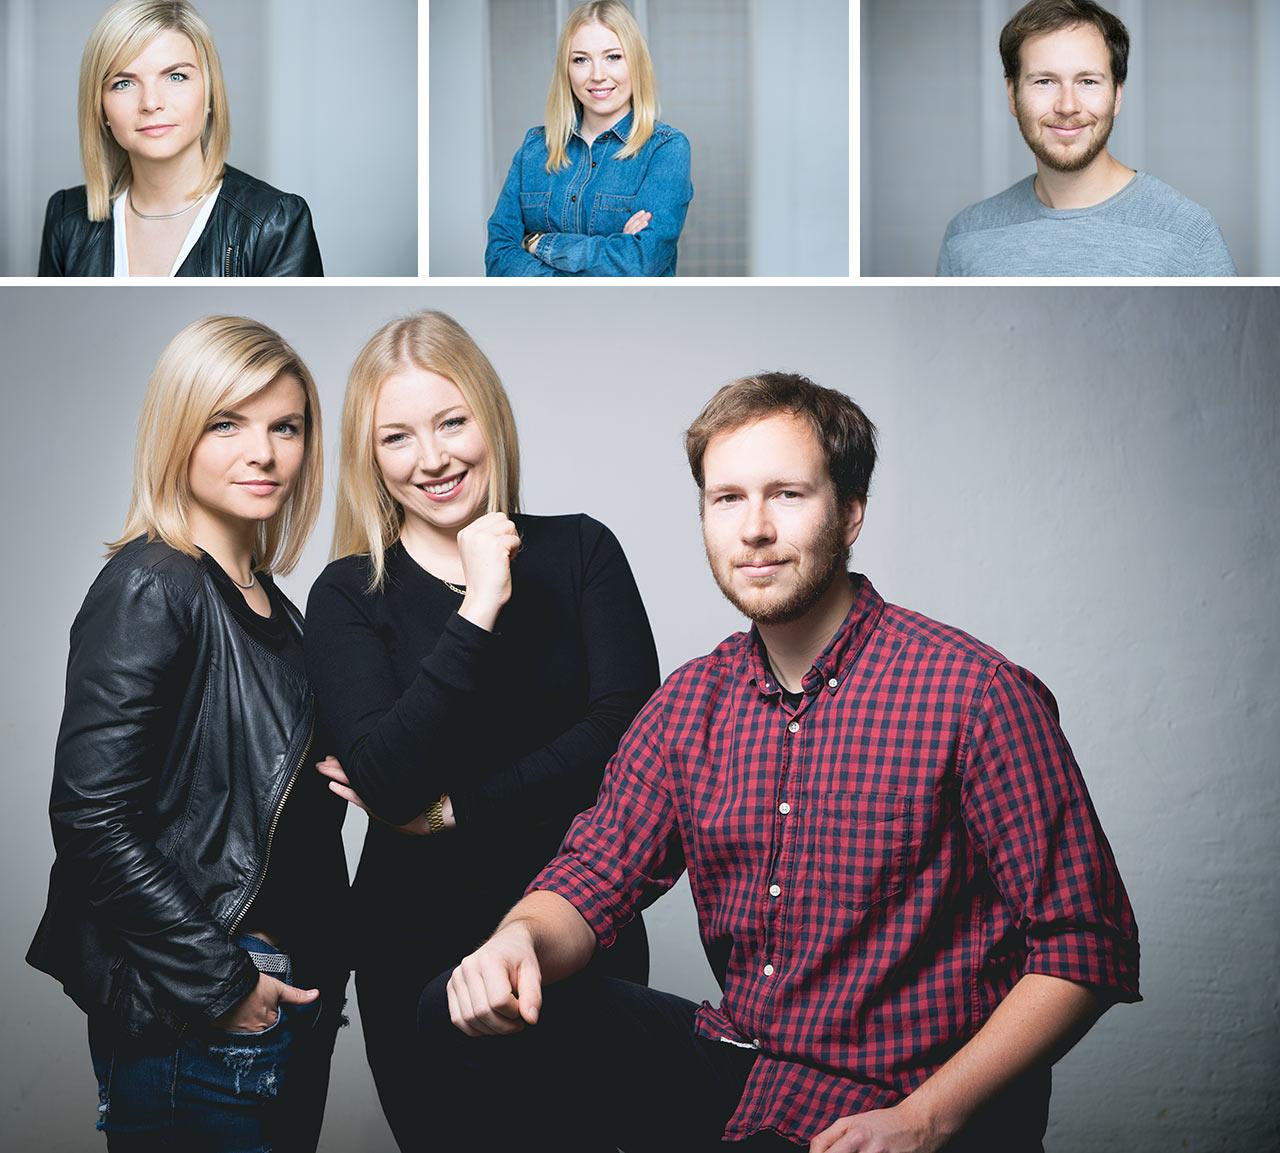 Teamfotos Mitarbeiterfotos Businessfotos Lotte Ostermann Berlin